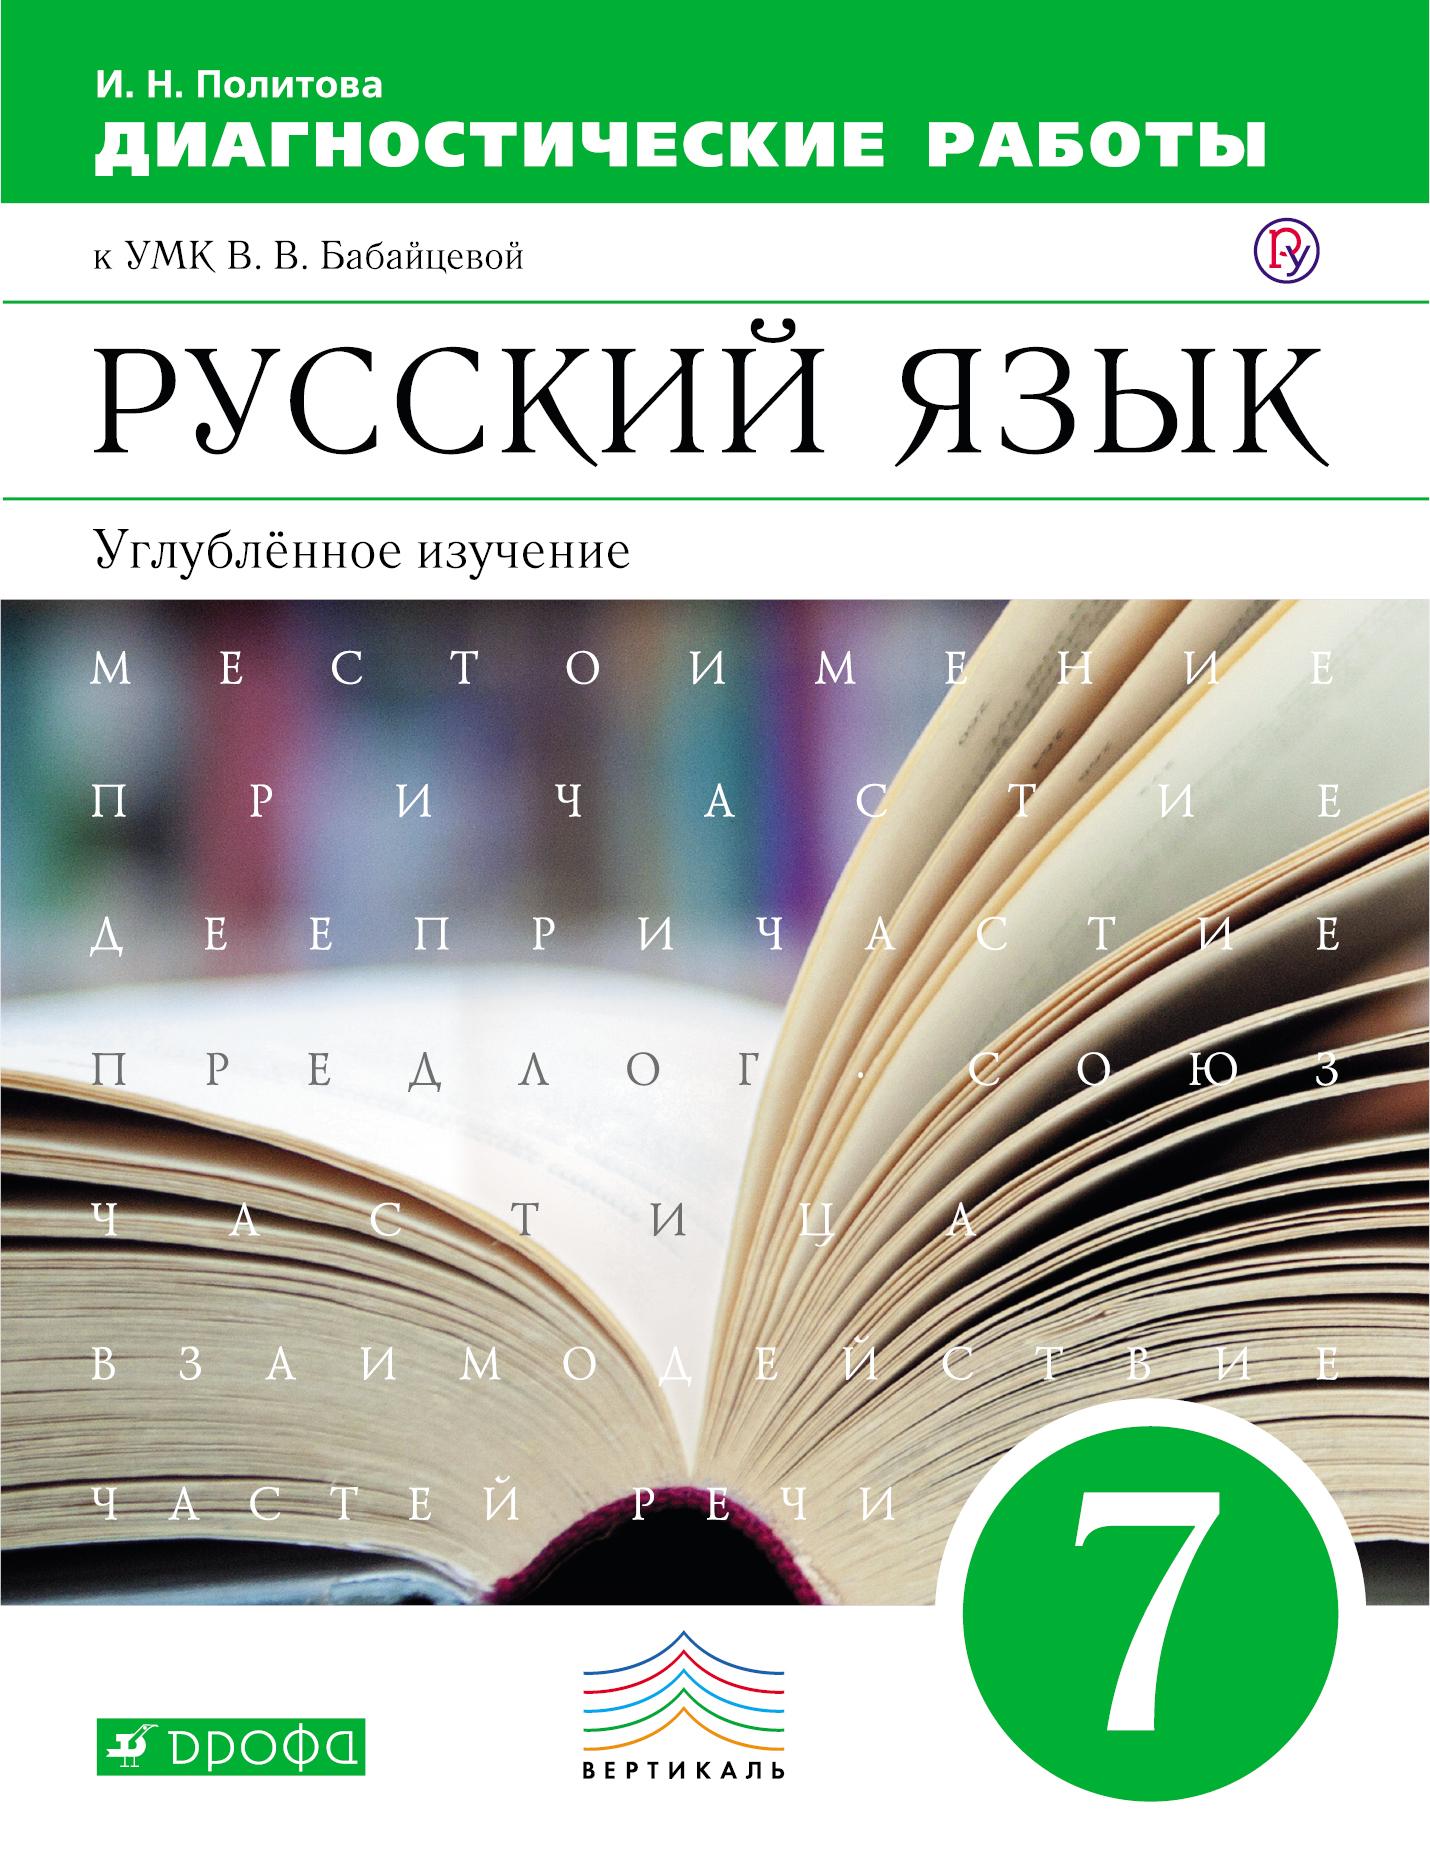 Русский язык. Углубленное изучение. 7 класс. Рабочая тетрадь (диагностические работы)